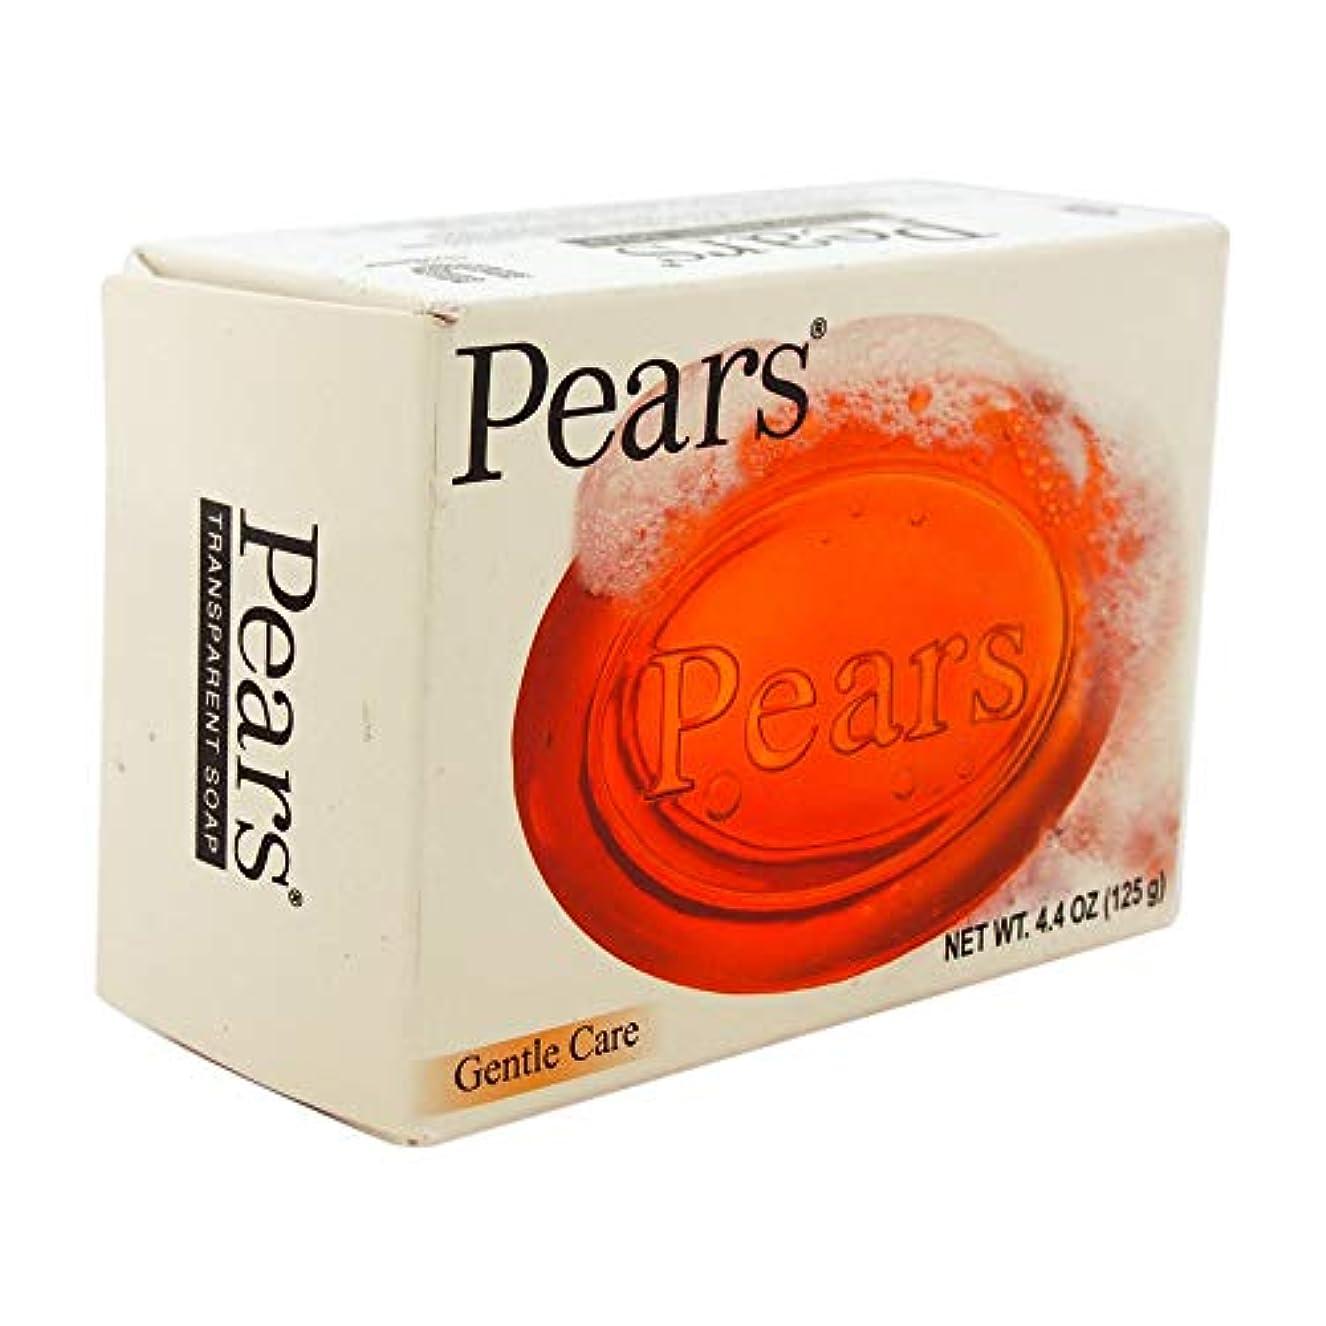 インレイ間違い実験をするPears ソープジェントルケア透明4.4オズ(5パック) 5パック